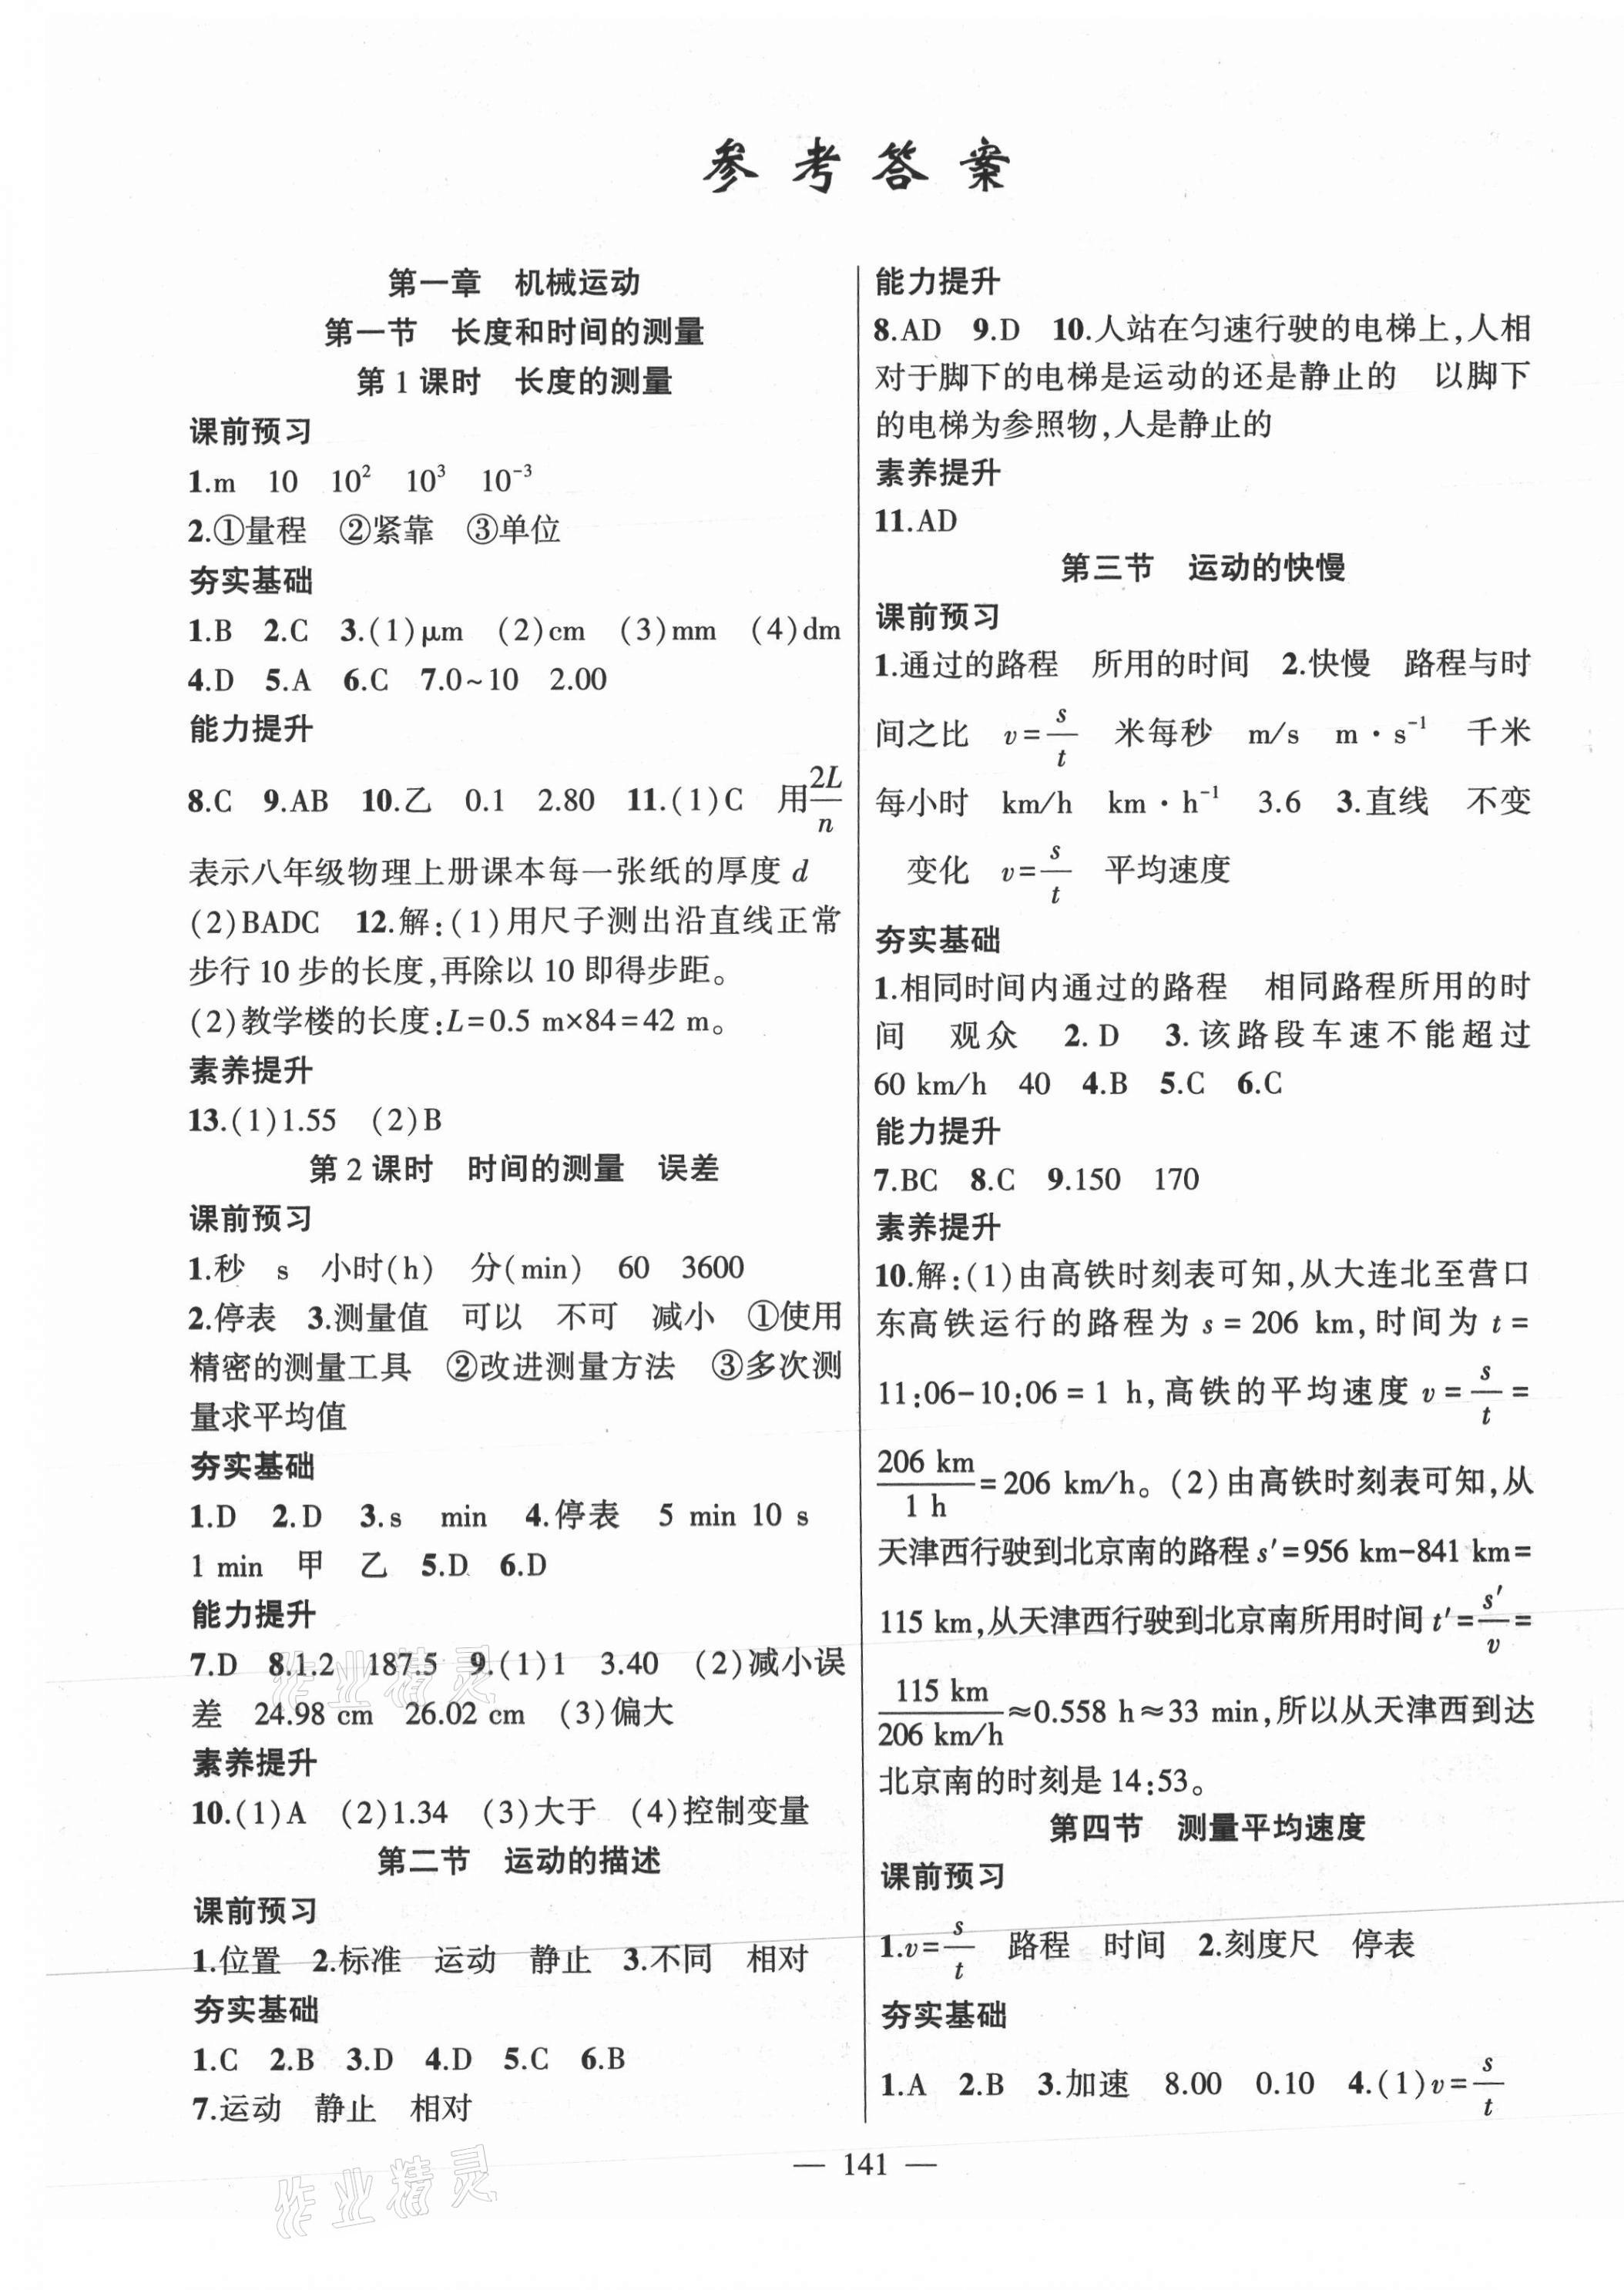 2021年原創新課堂八年級物理上冊人教版深圳專版第1頁